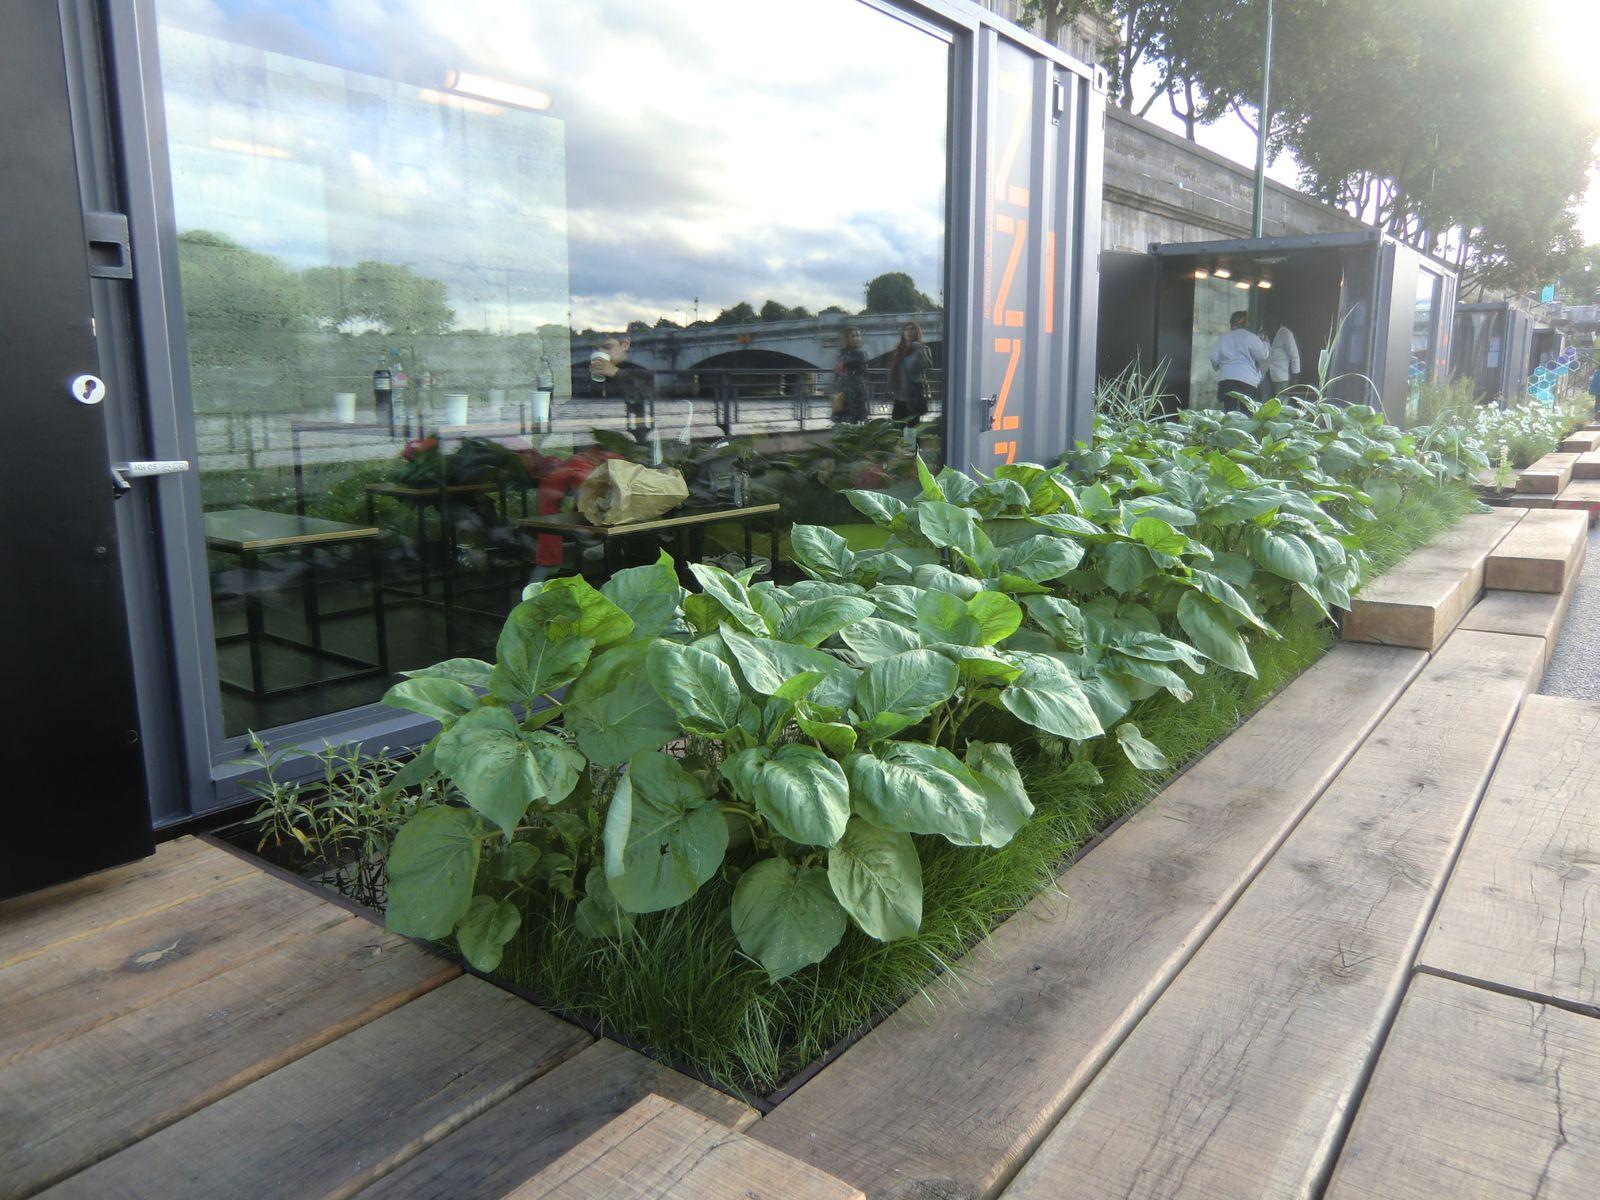 Petites pièces vitrées à louer aussi pour des rendez-vous entre amis ou autres.. décoration fleurs, plantes aquatiques